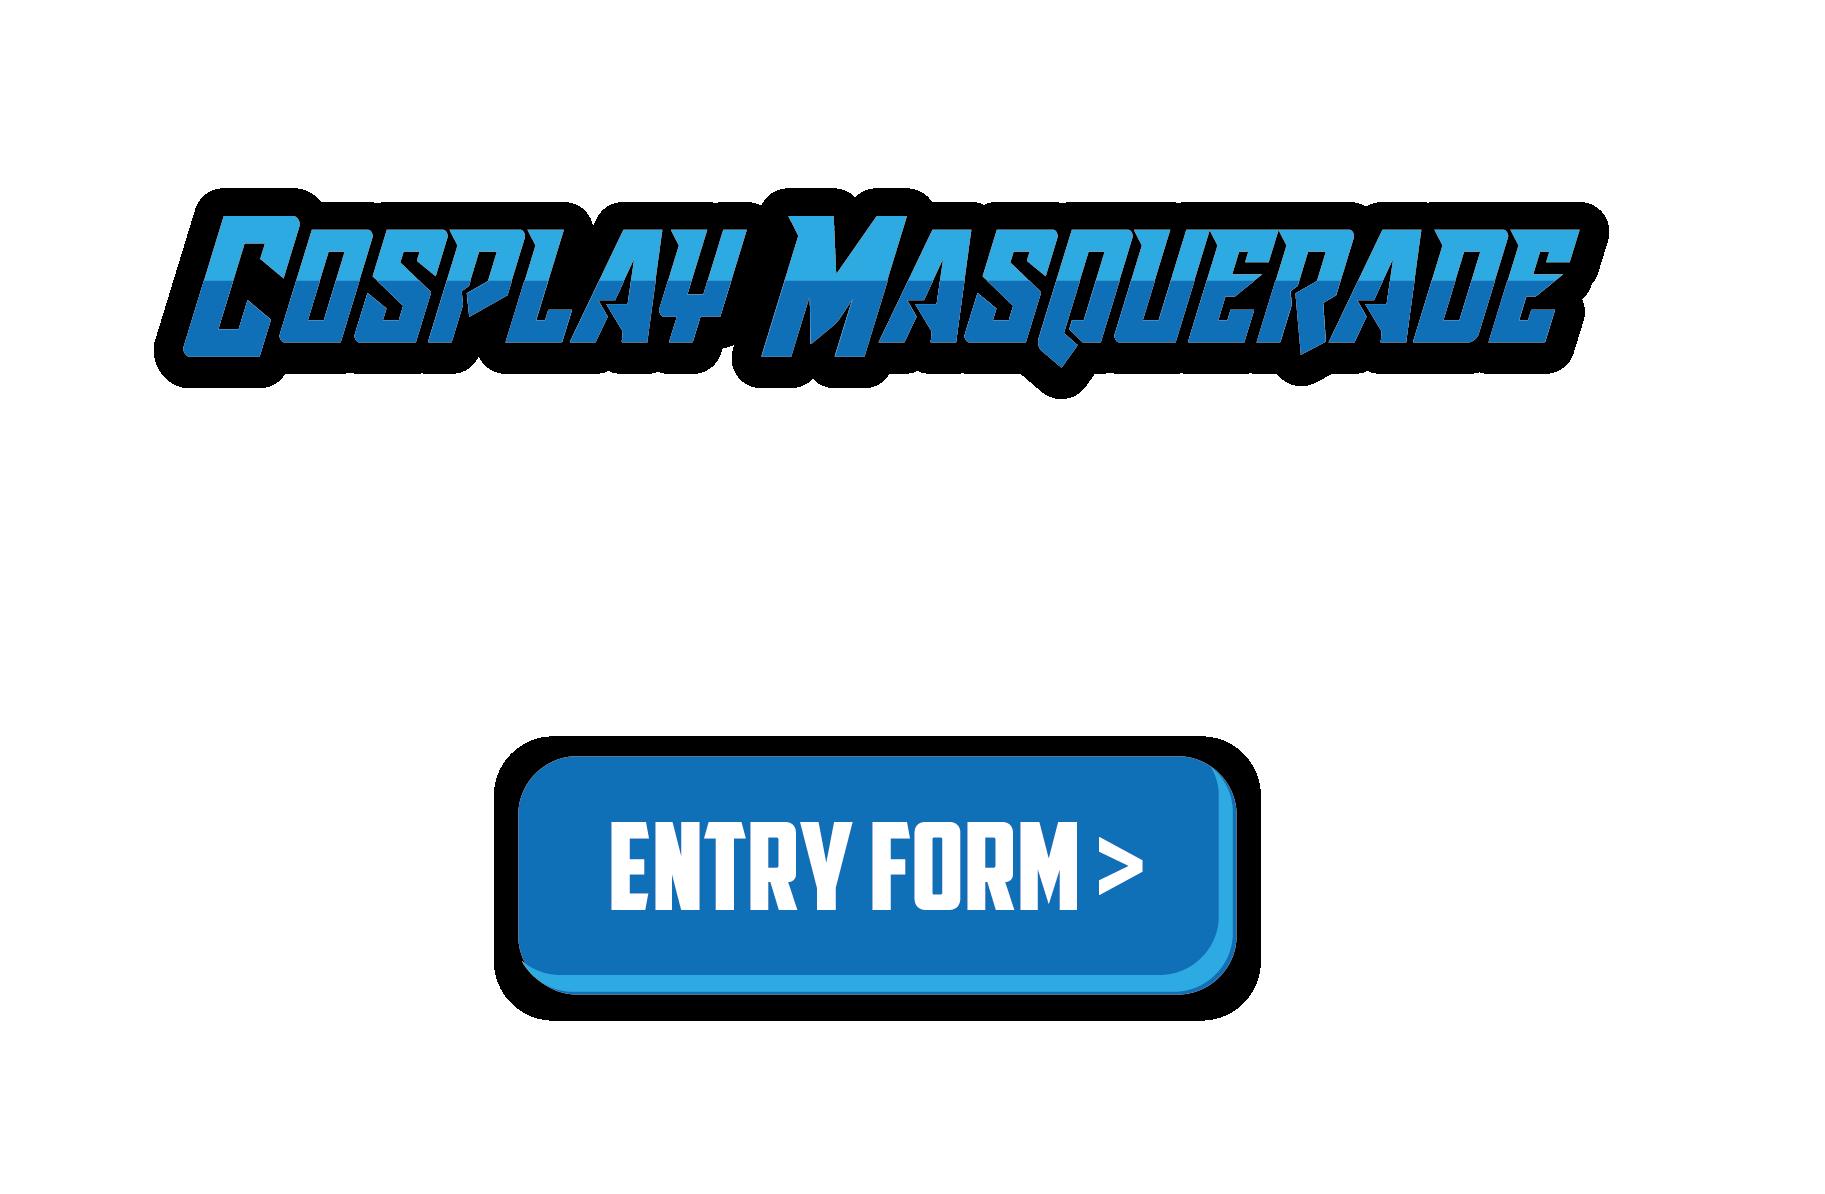 Cosplay masquerade logo